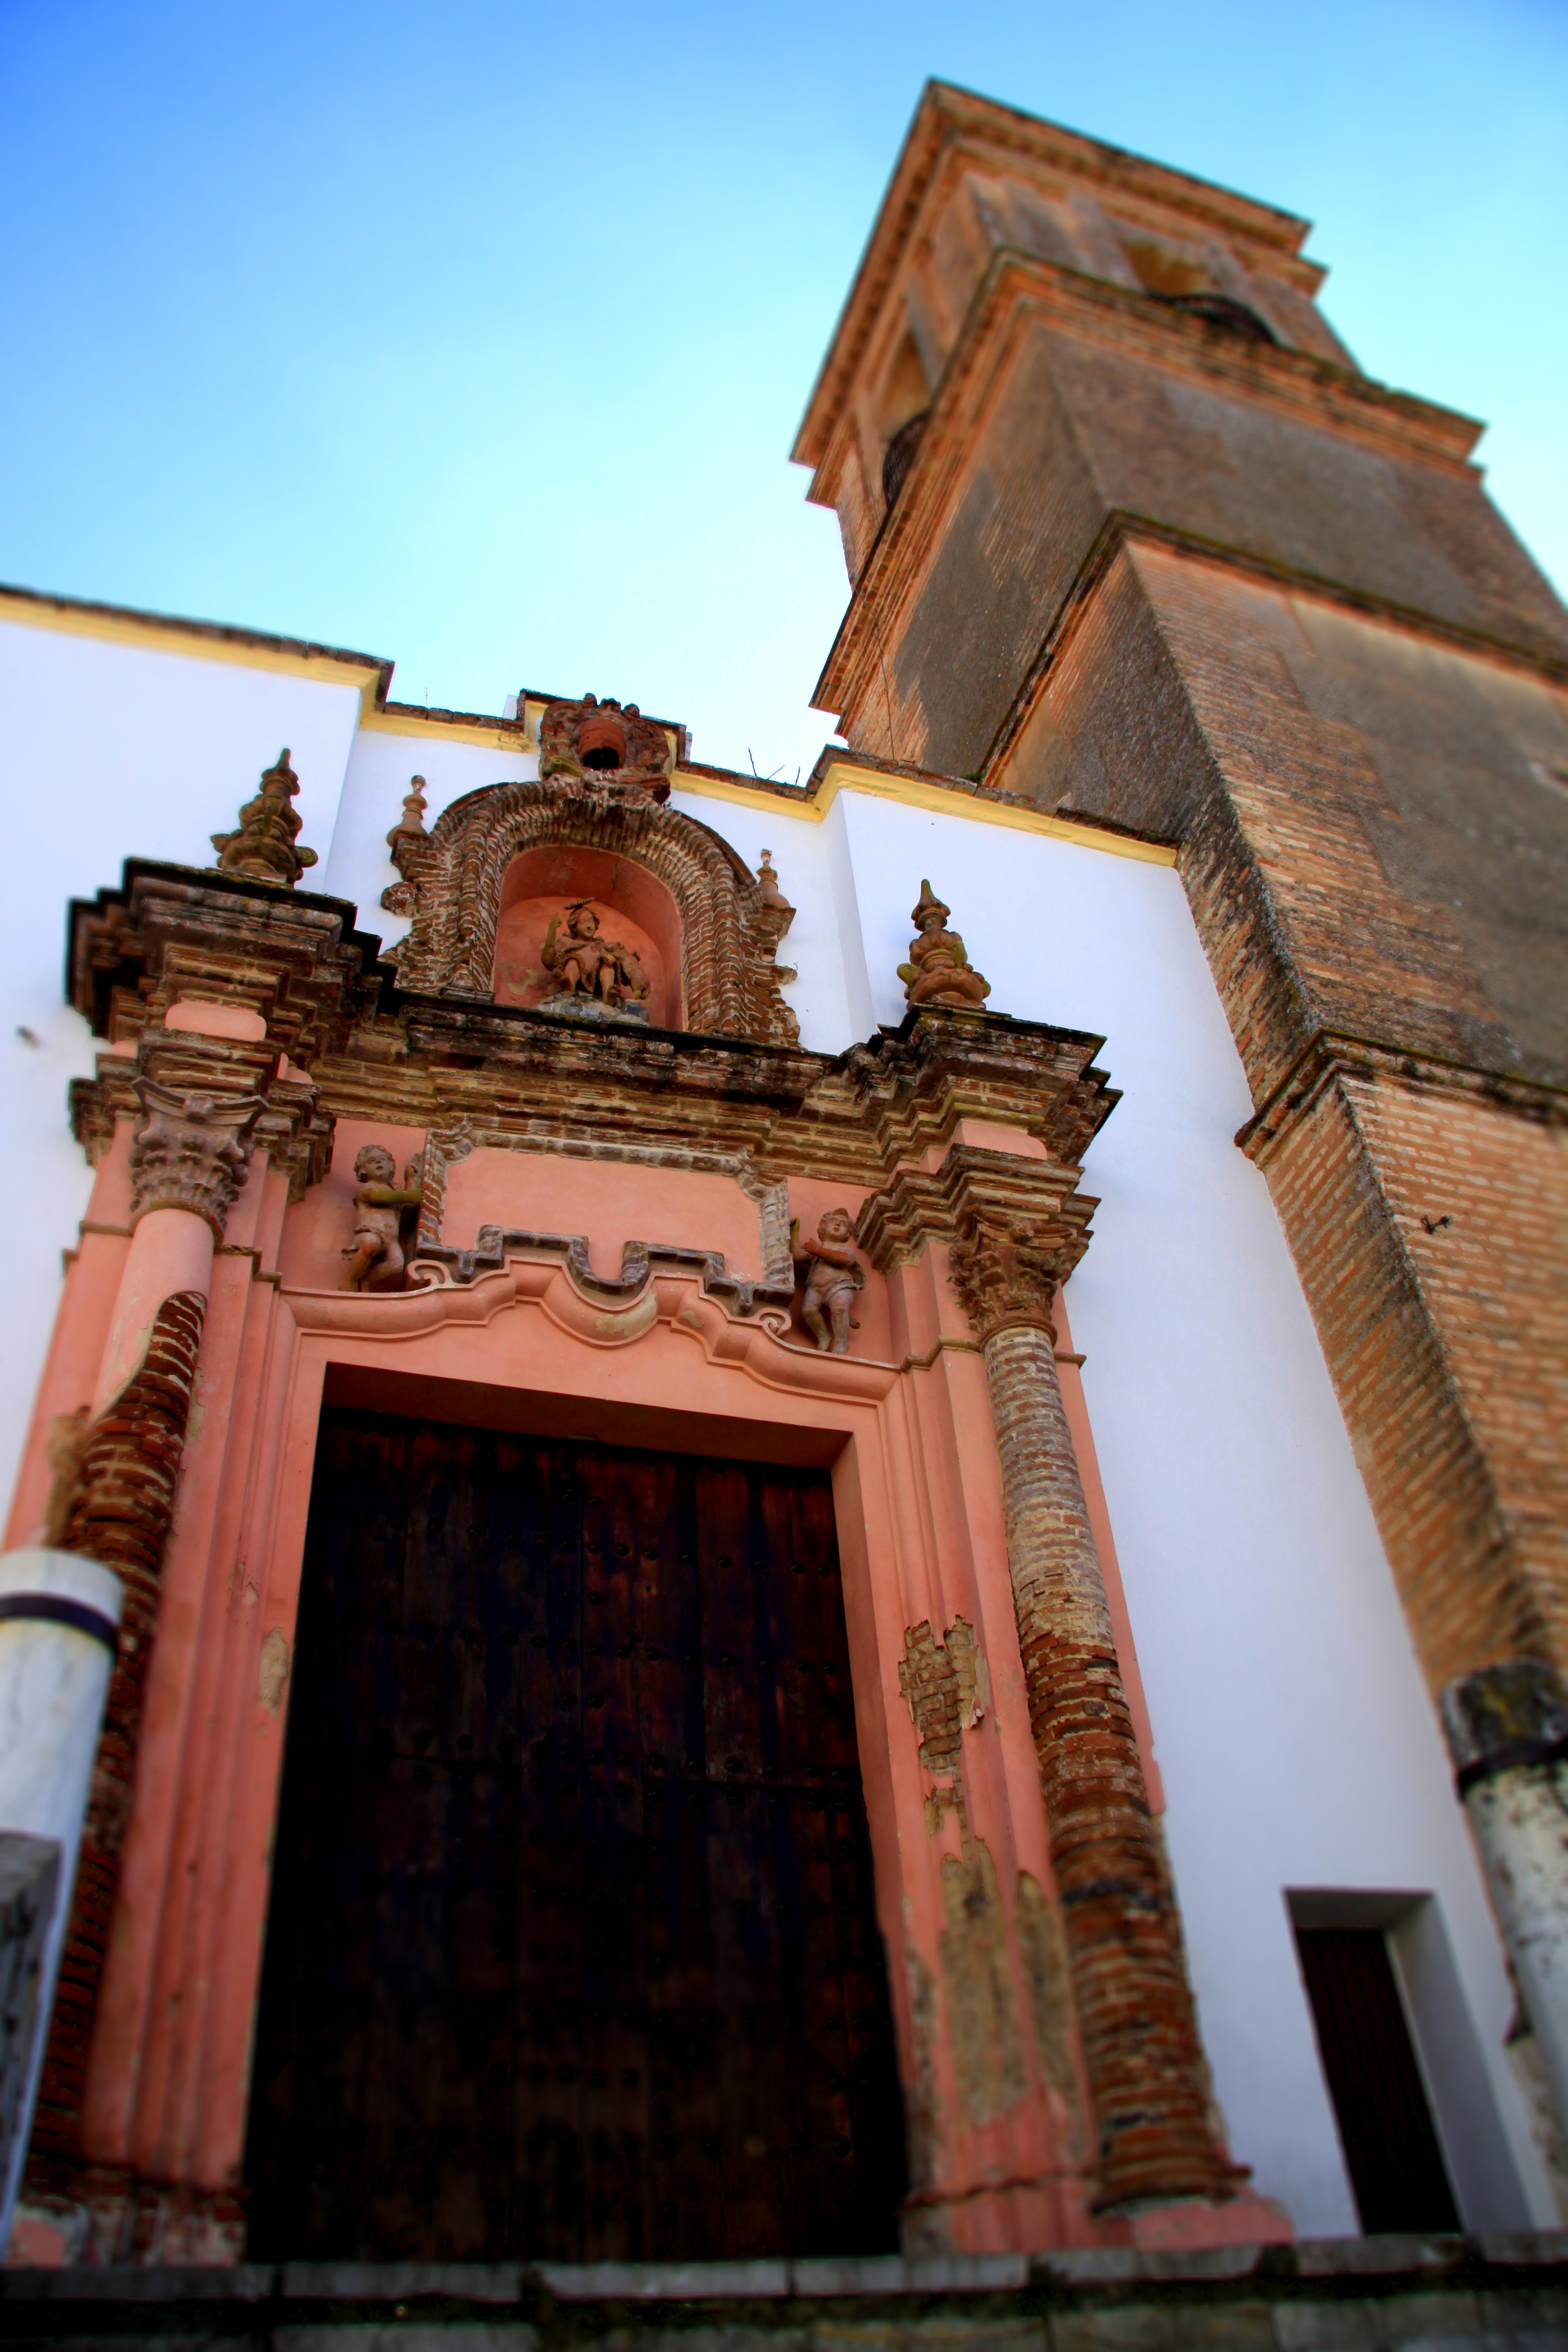 Church_ rurul life in Alcalá de los Gazules, Alcornocales, Cadiz Province_andrew_forbes